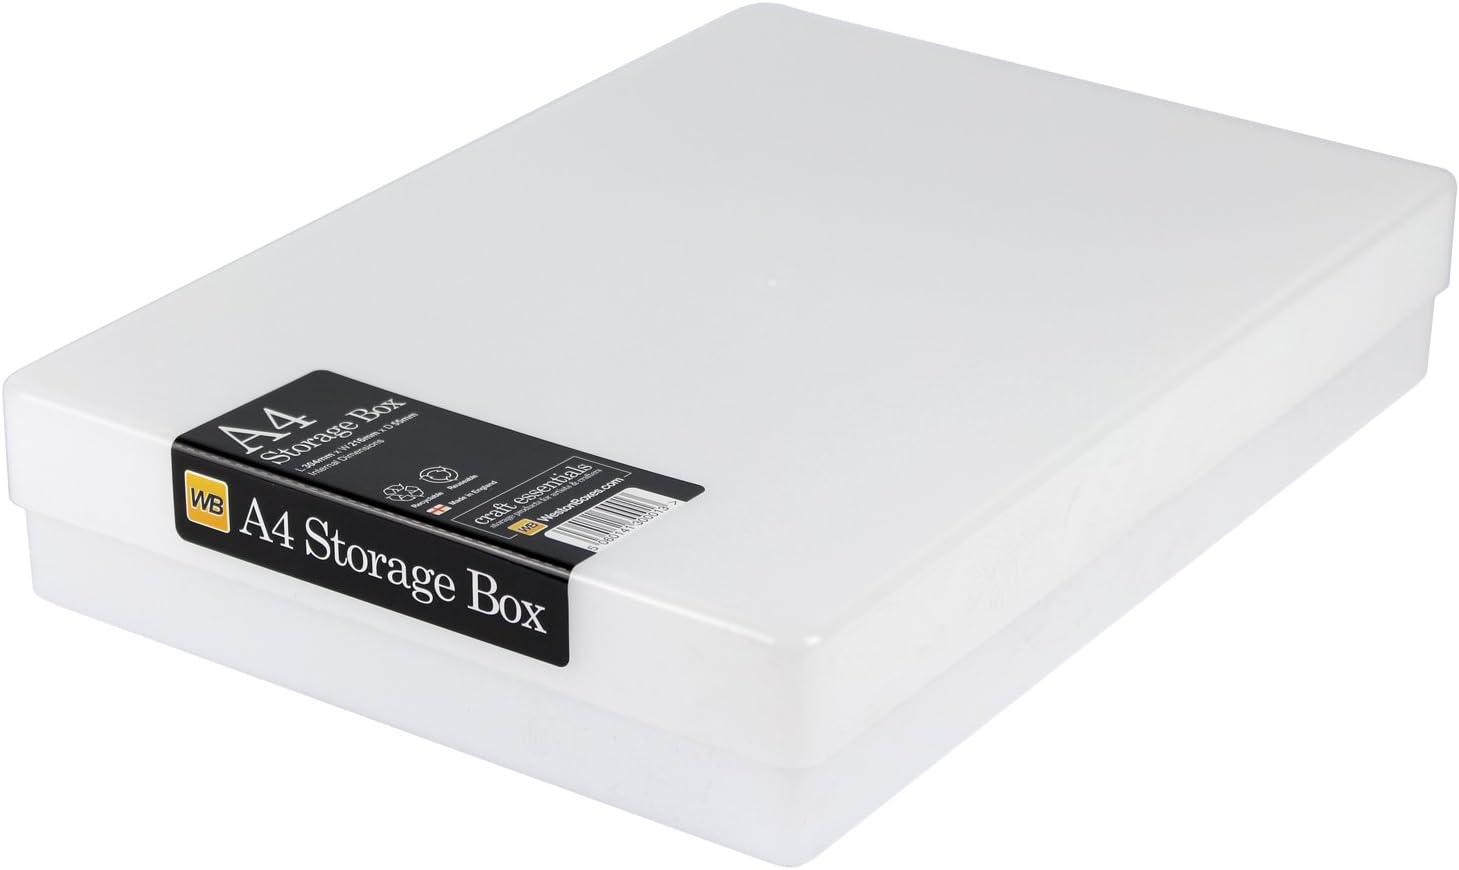 WestonBoxes - Caja de almacenamiento A4 para papel A4 y manualidades (Blanco, Paquete de 10): Amazon.es: Oficina y papelería